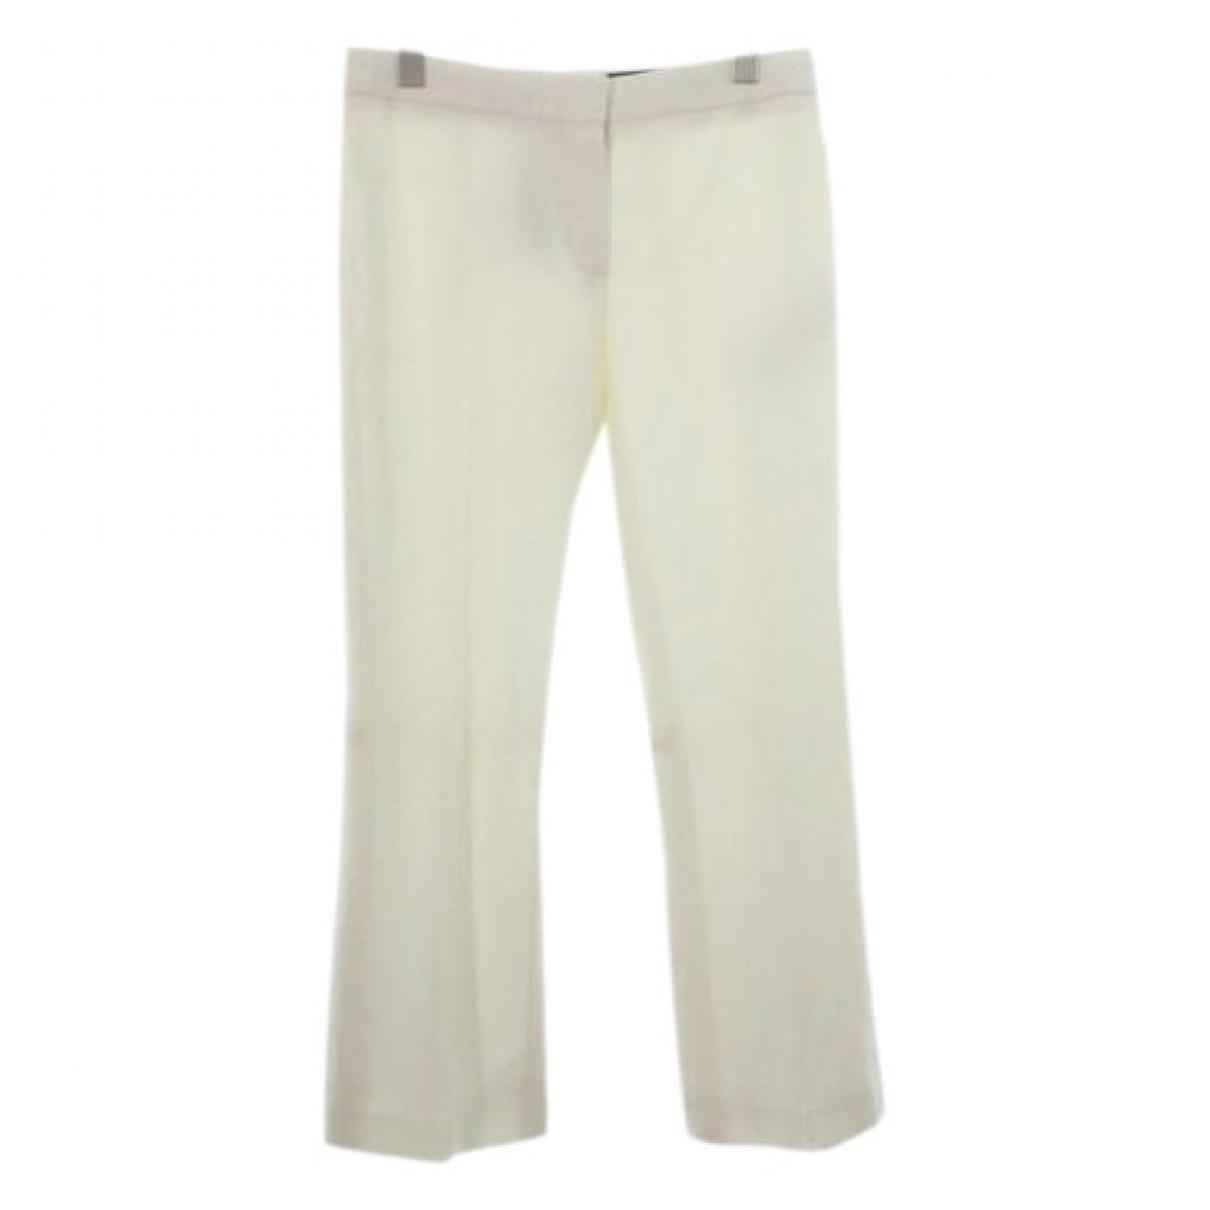 Pantalon de Lana Alexander Mcqueen